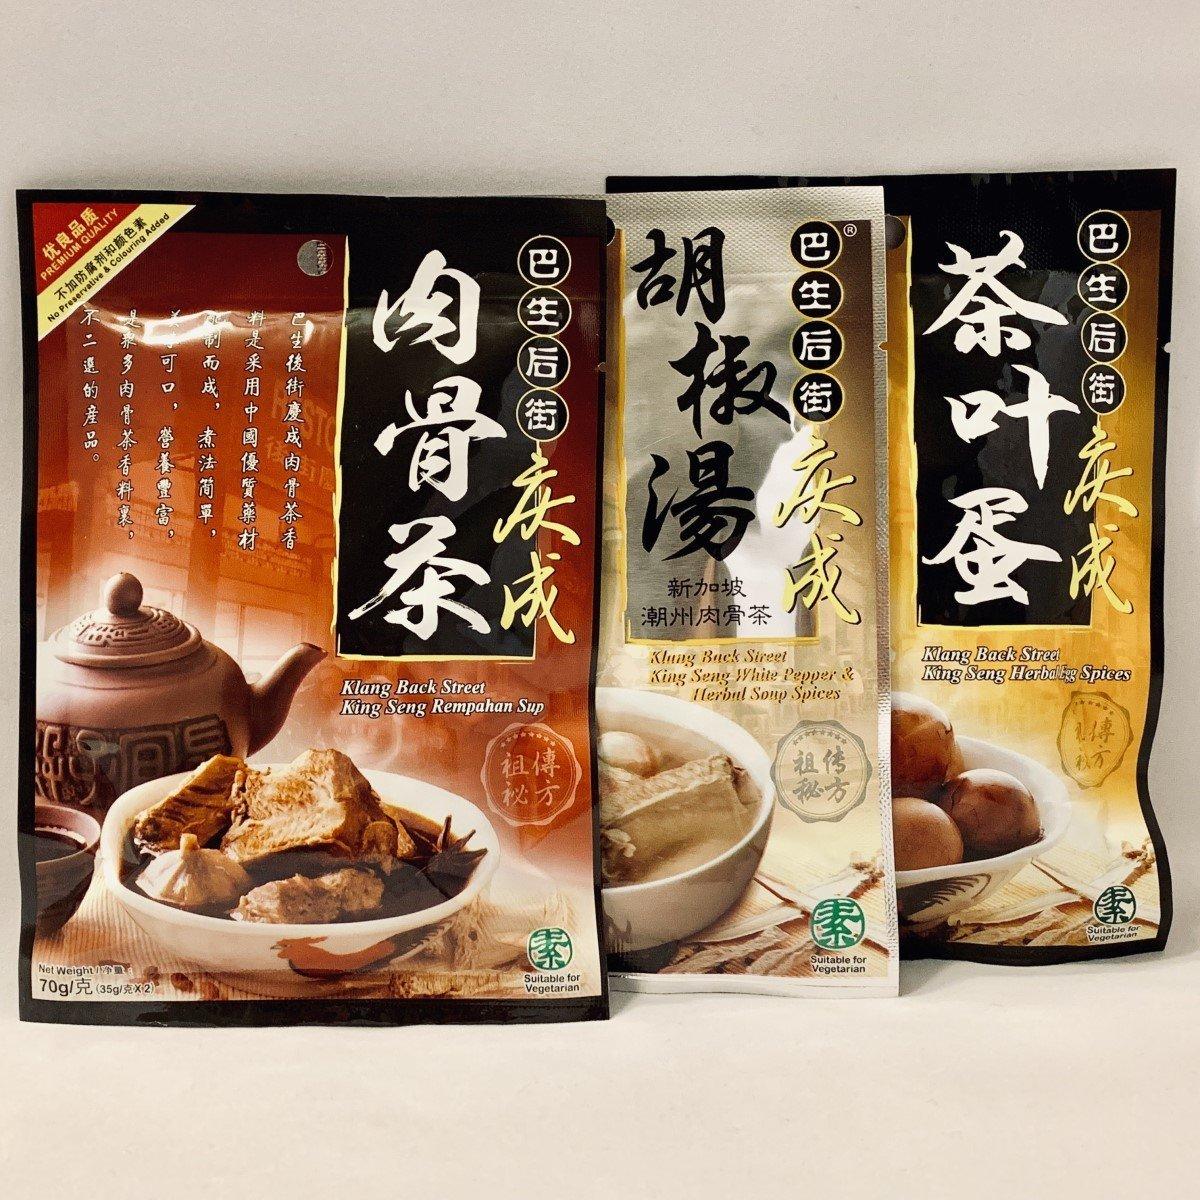 馬來西亞肉骨茶+新加坡肉骨茶+茶葉蛋-套裝